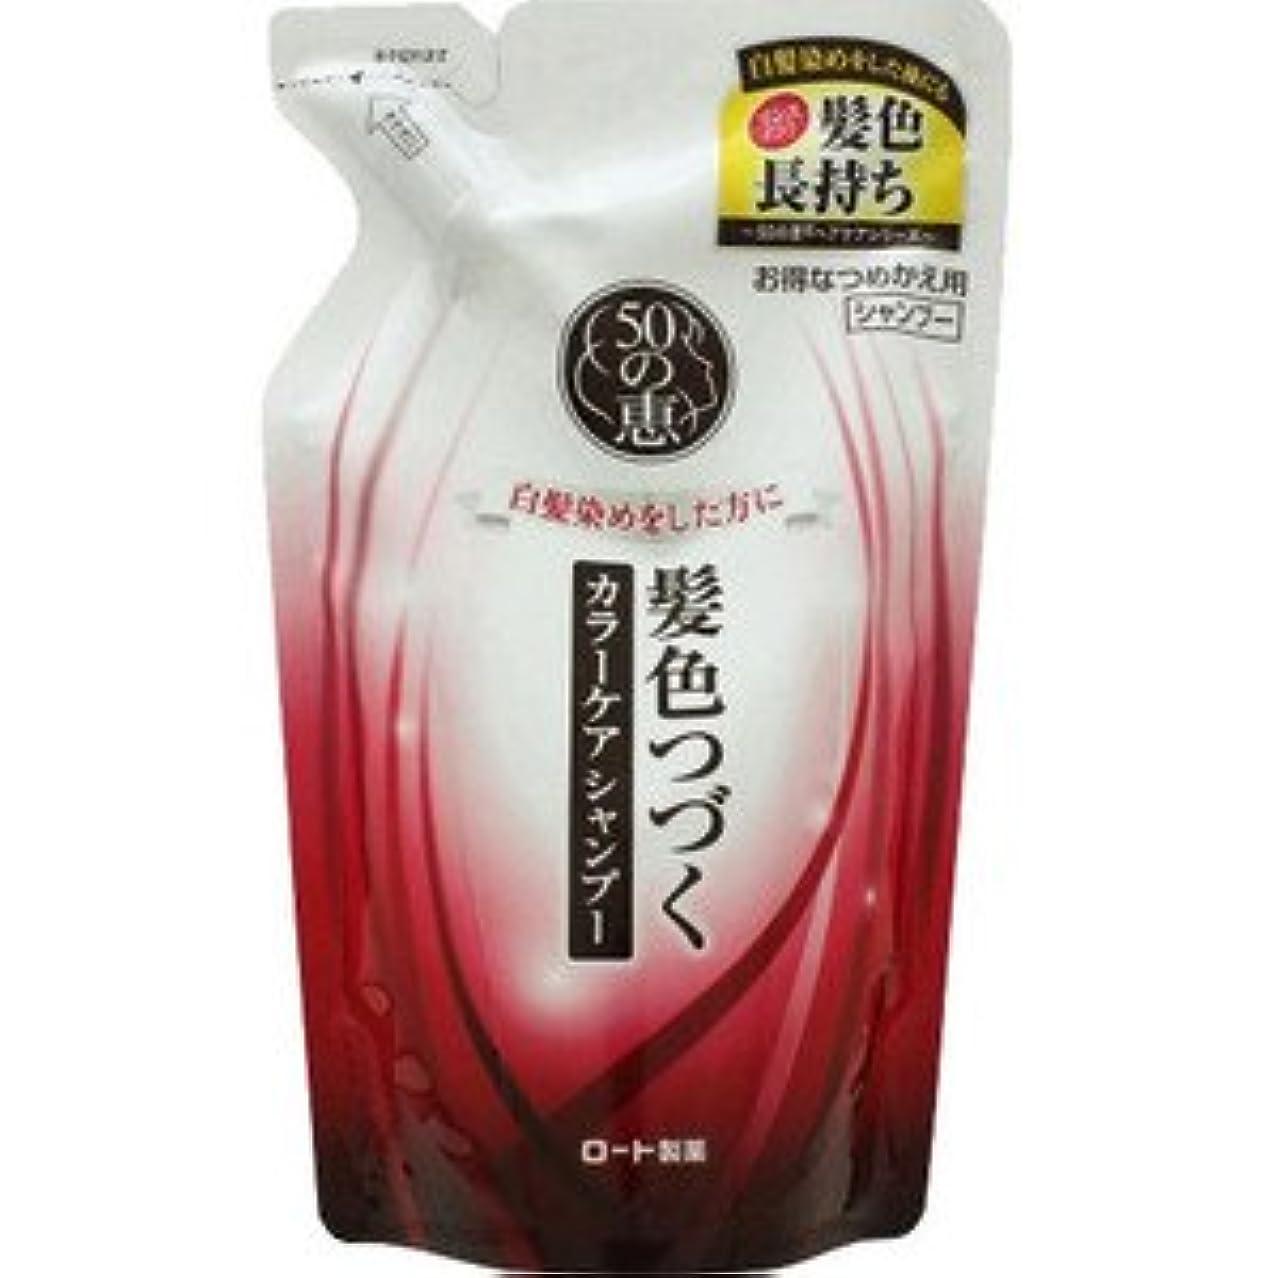 汚すオーロック過敏な(ロート製薬)50の恵 髪色つづく カラーケア シャンプー(つめかえ用) 330ml(お買い得3個セット)